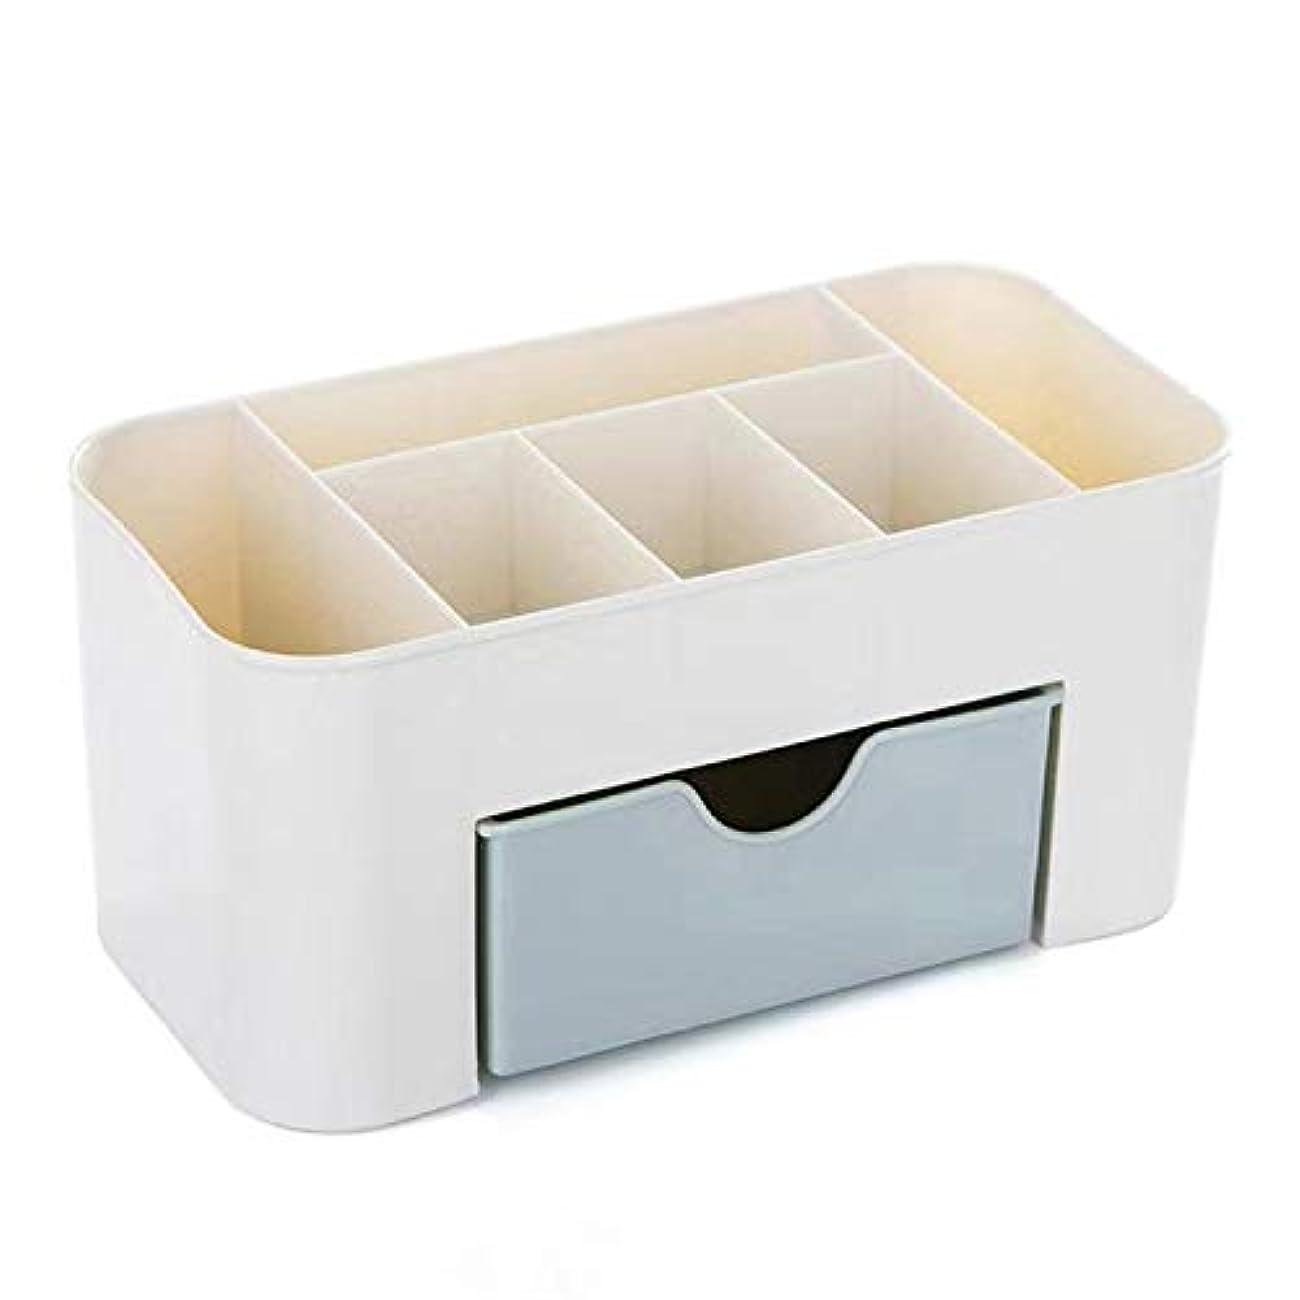 毎回法的実行HJY スタッカブルと防水プラスチック化粧オーガナイザー、事務机文具収納ボックス化粧品ホルダー、大容量ジュエリーディスプレイケース (あいいろ)